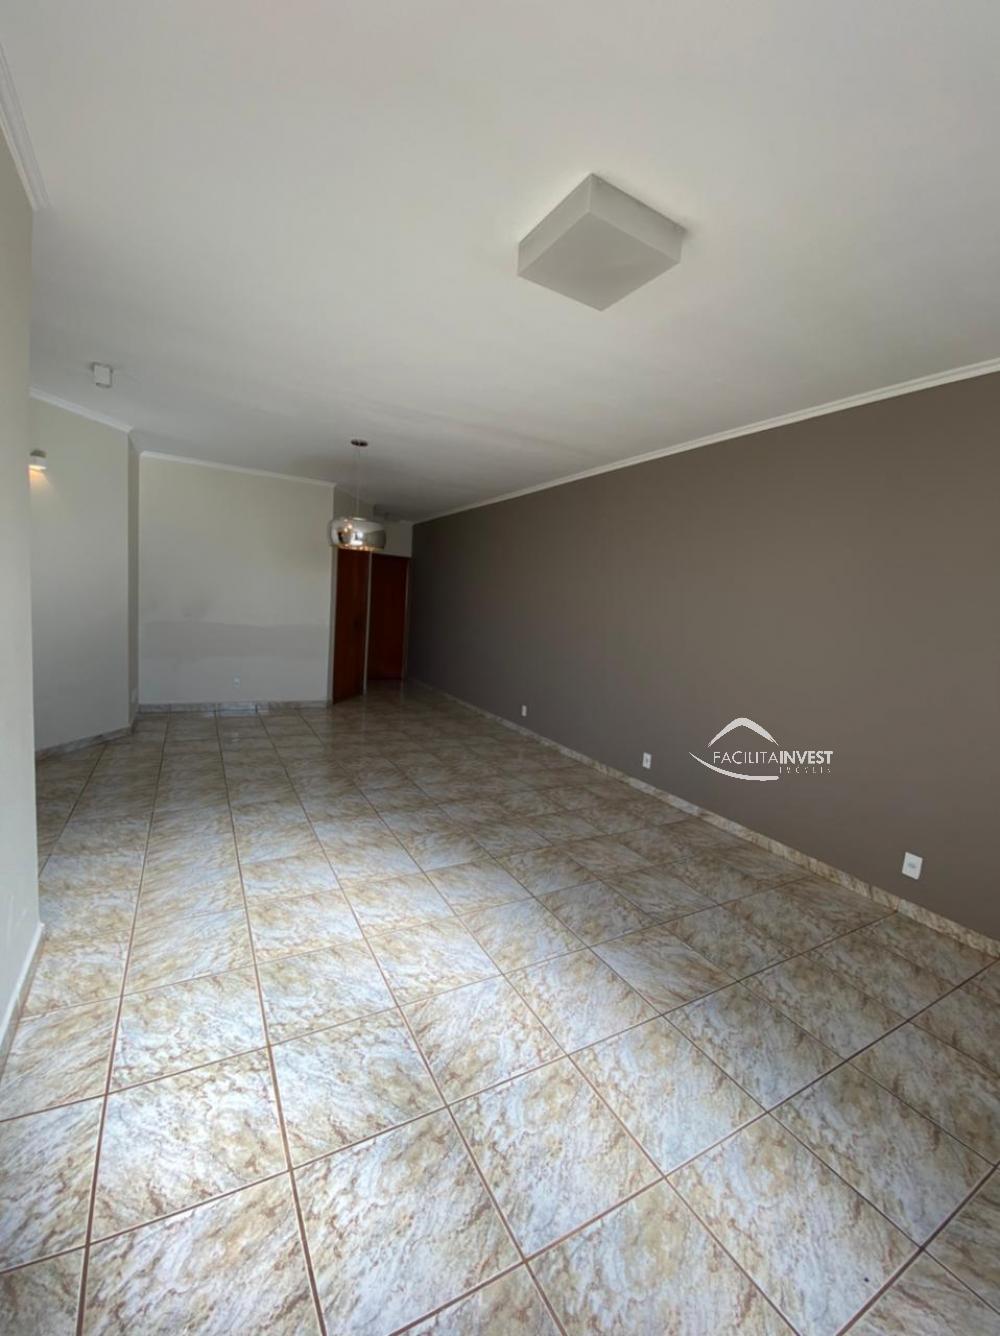 Ribeirao Preto Apartamento Venda R$350.000,00 Condominio R$220,00 3 Dormitorios 1 Suite Area construida 100.00m2